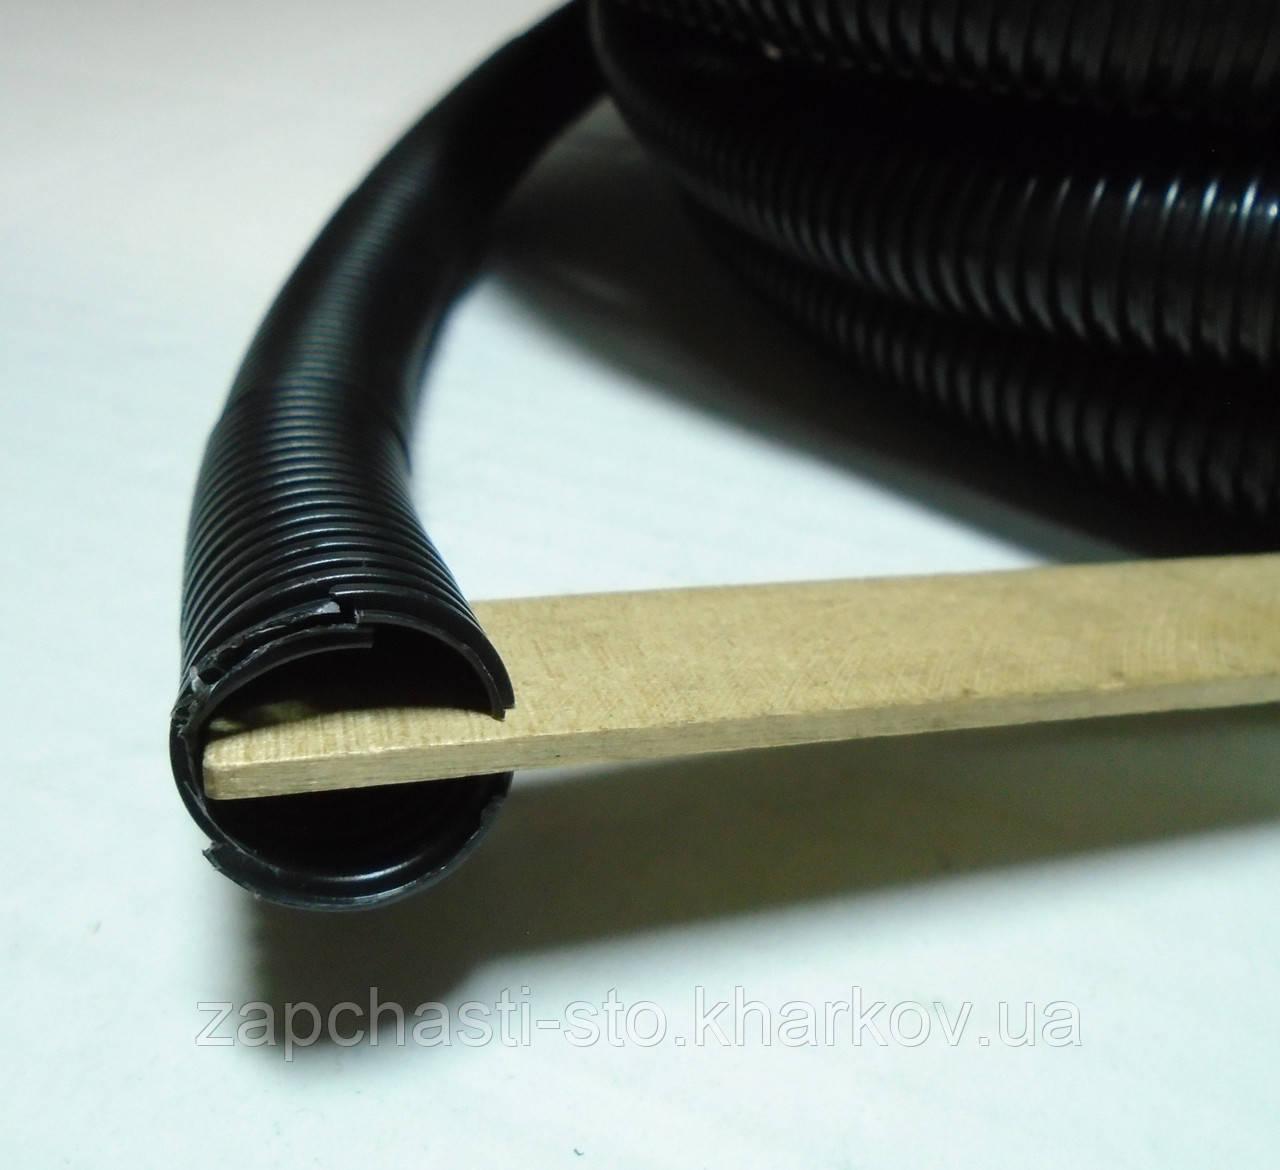 Автомобильная гофра для проводки разрезная 17мм (1м)